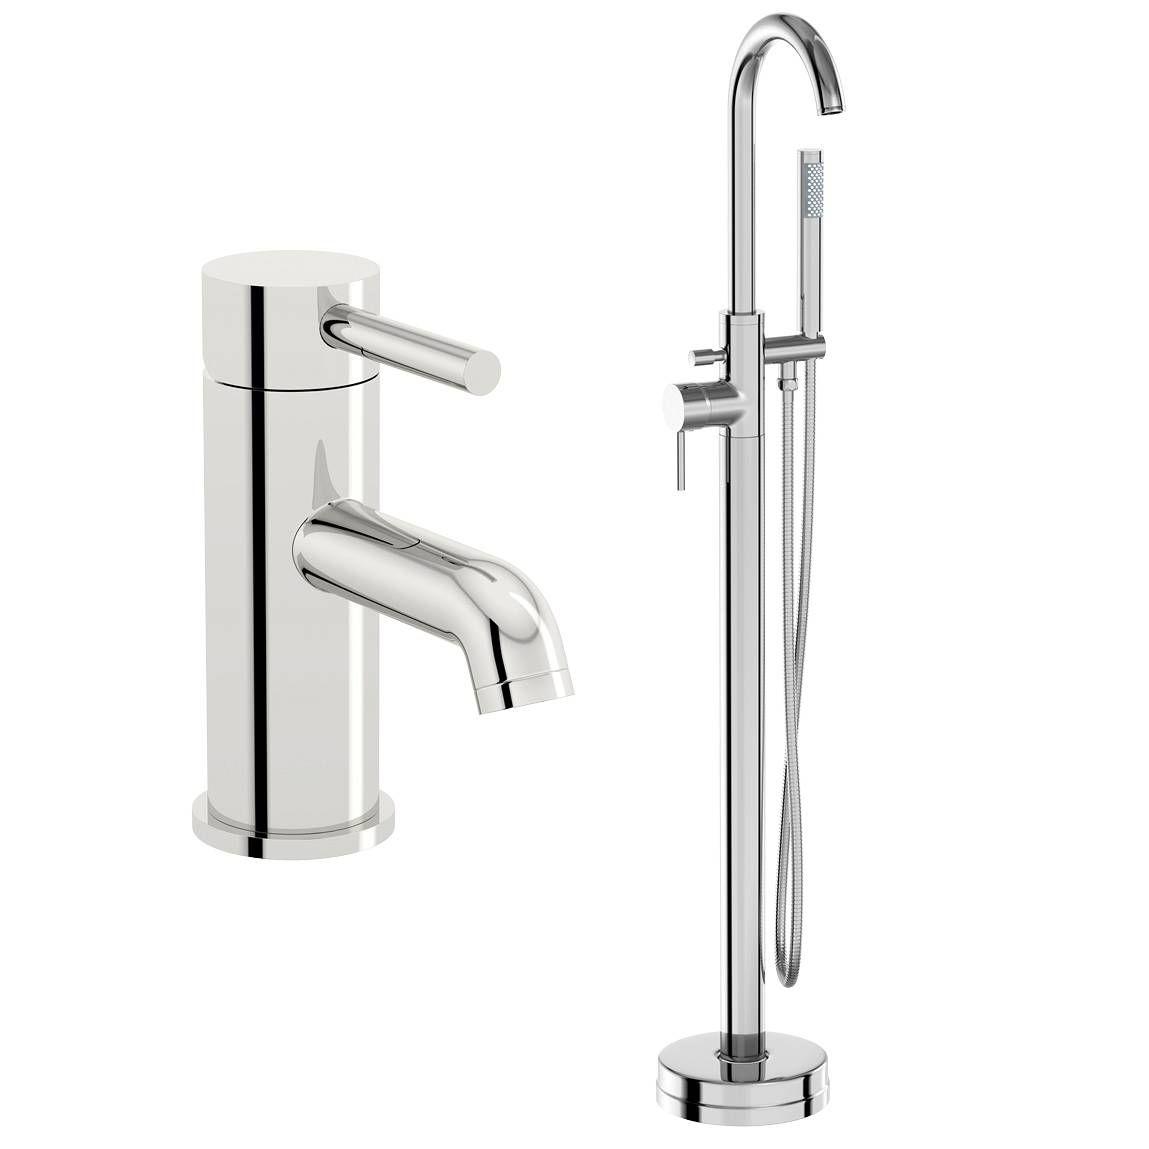 Plumbs bathroom suites - Phaze Basin Mixer And Bath Shower Standpipe Pack 209 99 Victoria Plumb